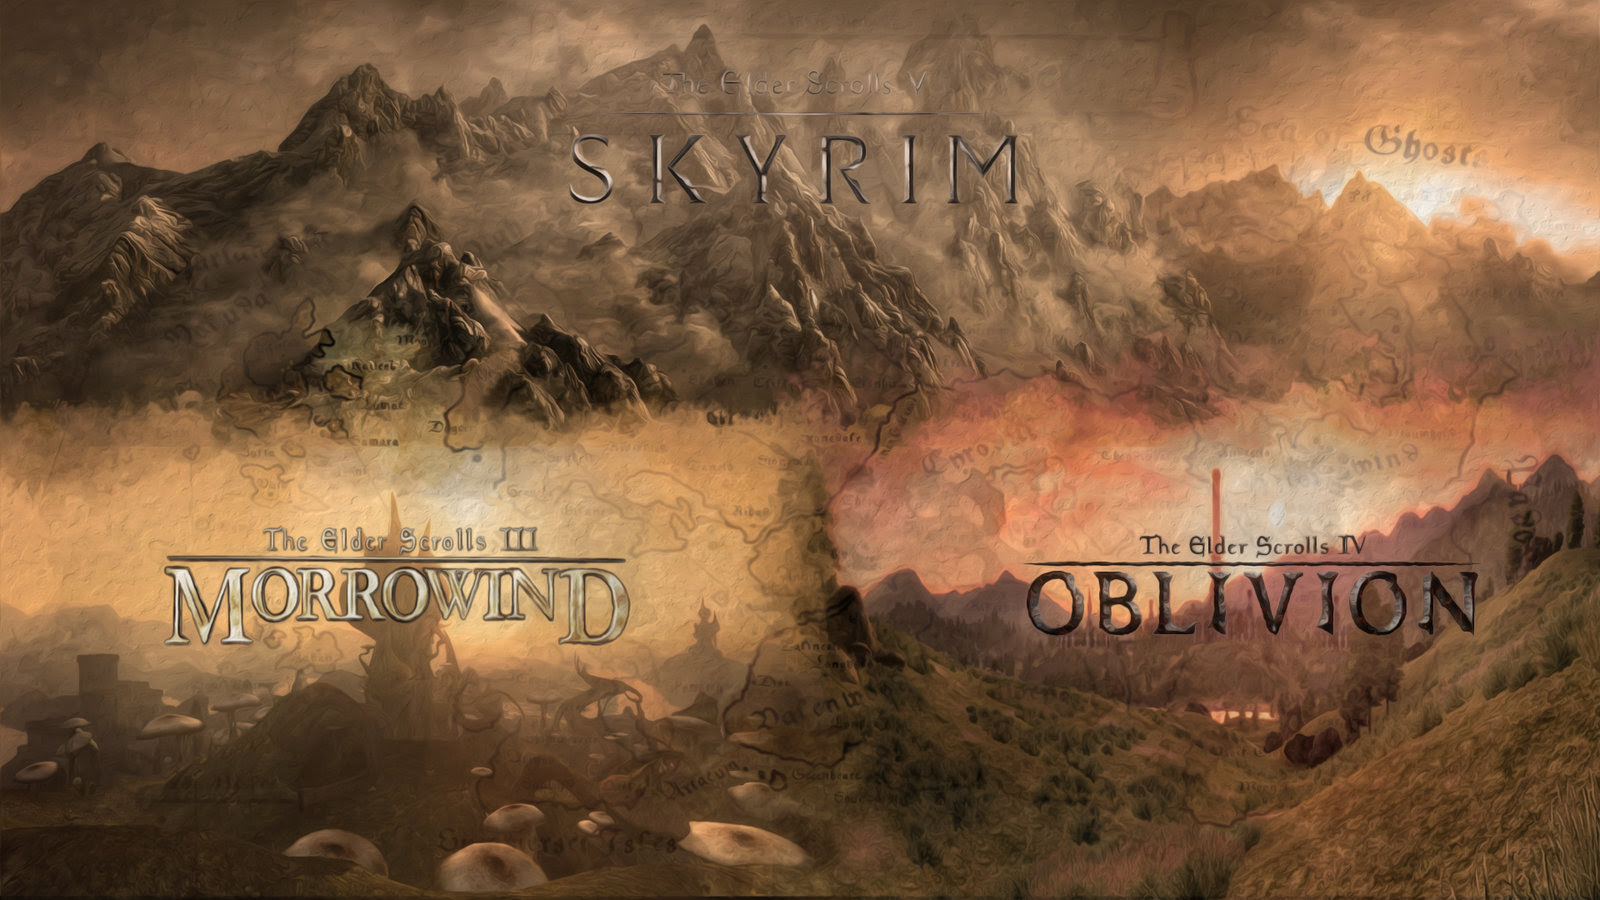 Elder Scrolls Wallpaper 1600x900 38404